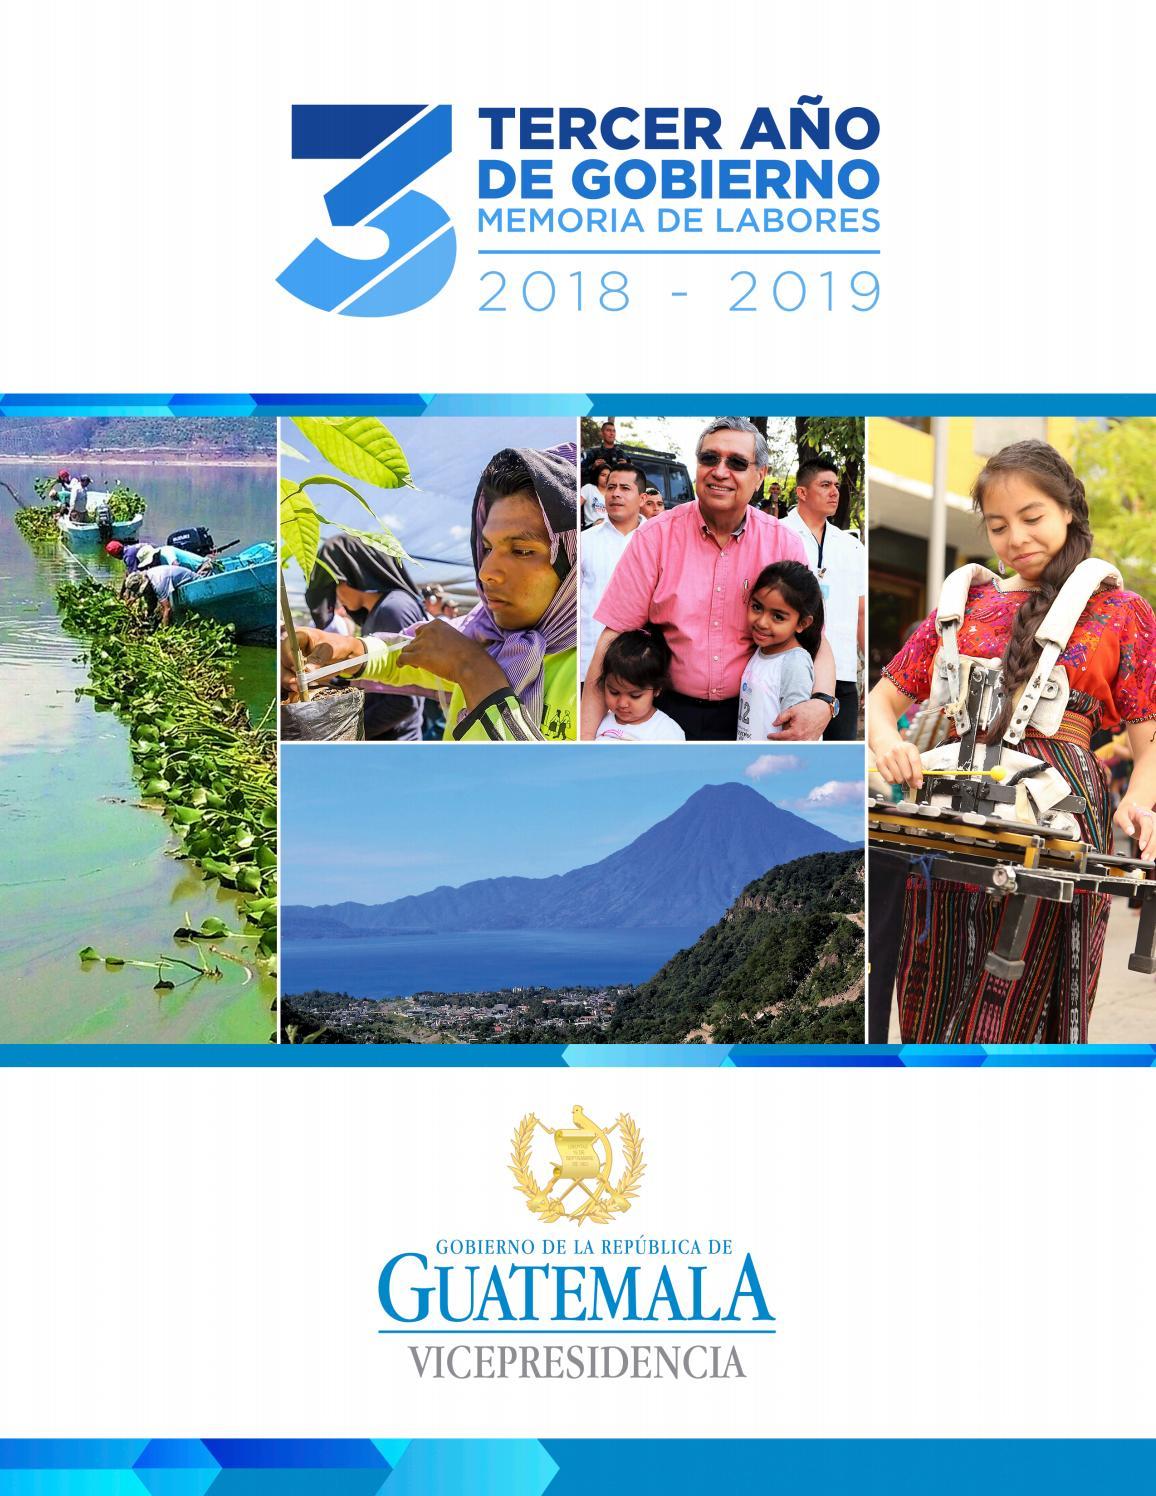 Tercer Informe de Gobierno   VICEPRESIDENCIA by La Revista Vicepresidencia  - issuu 41968e32dcaca